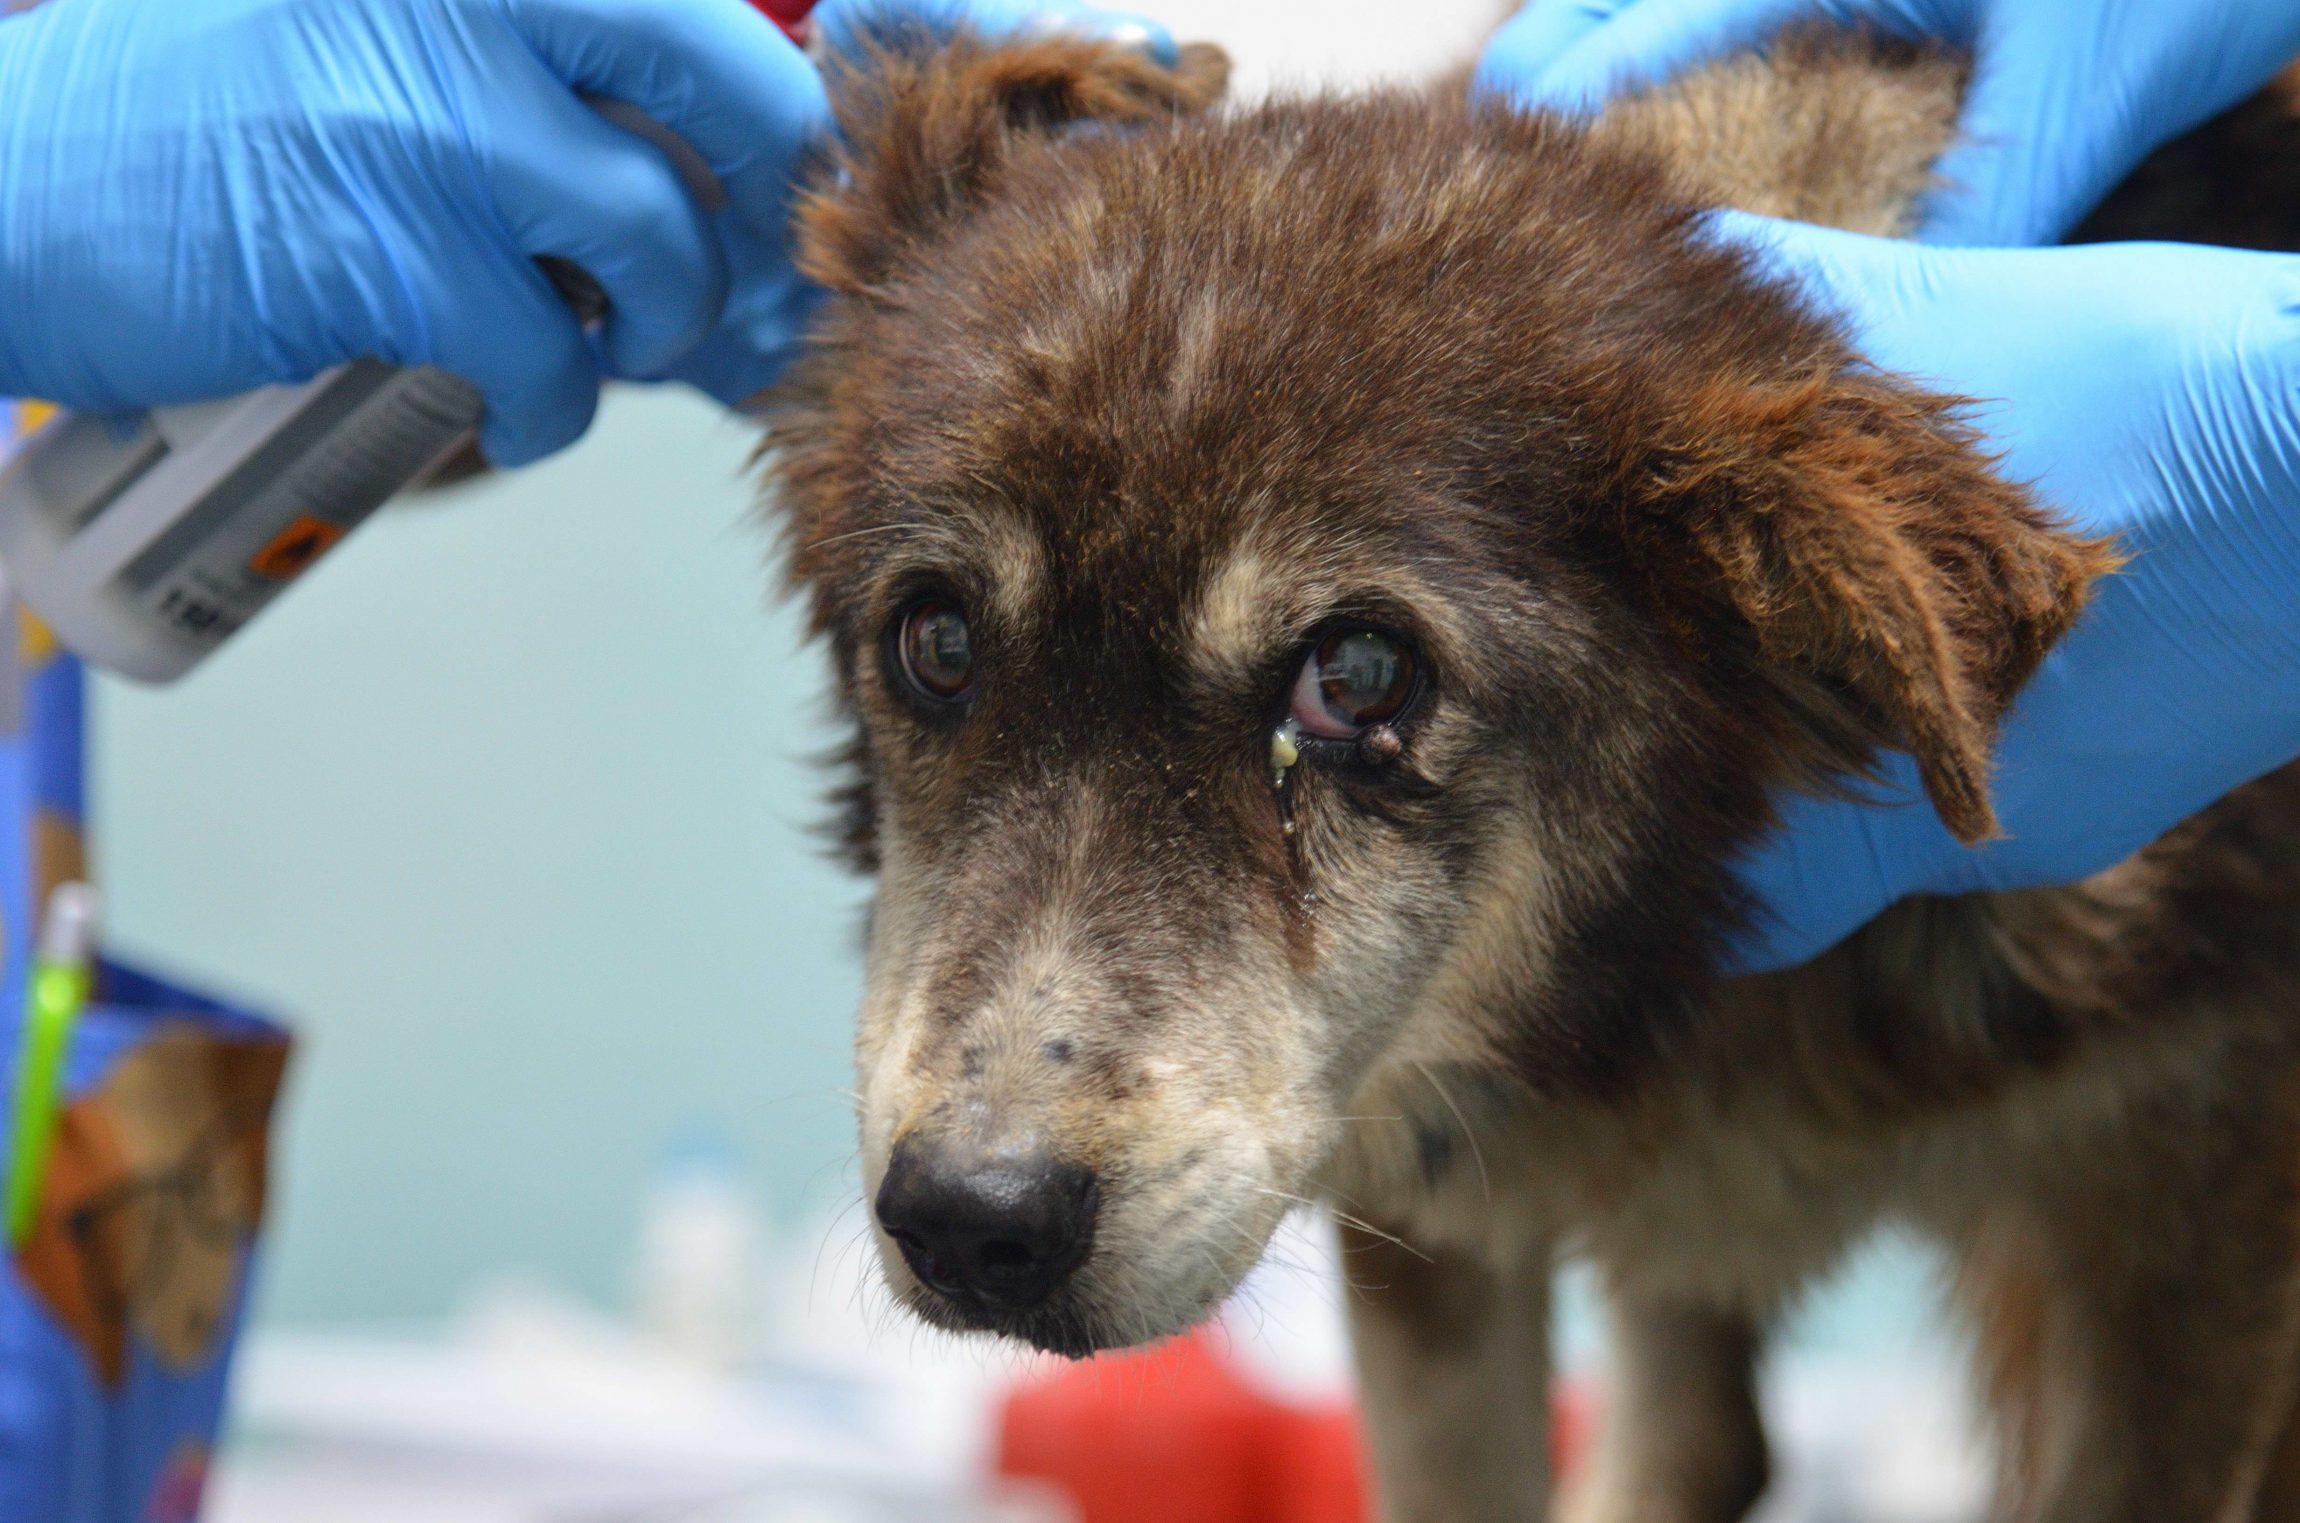 Ioana, appena arrivata in clinica,viene visitata dai nostri veterinari